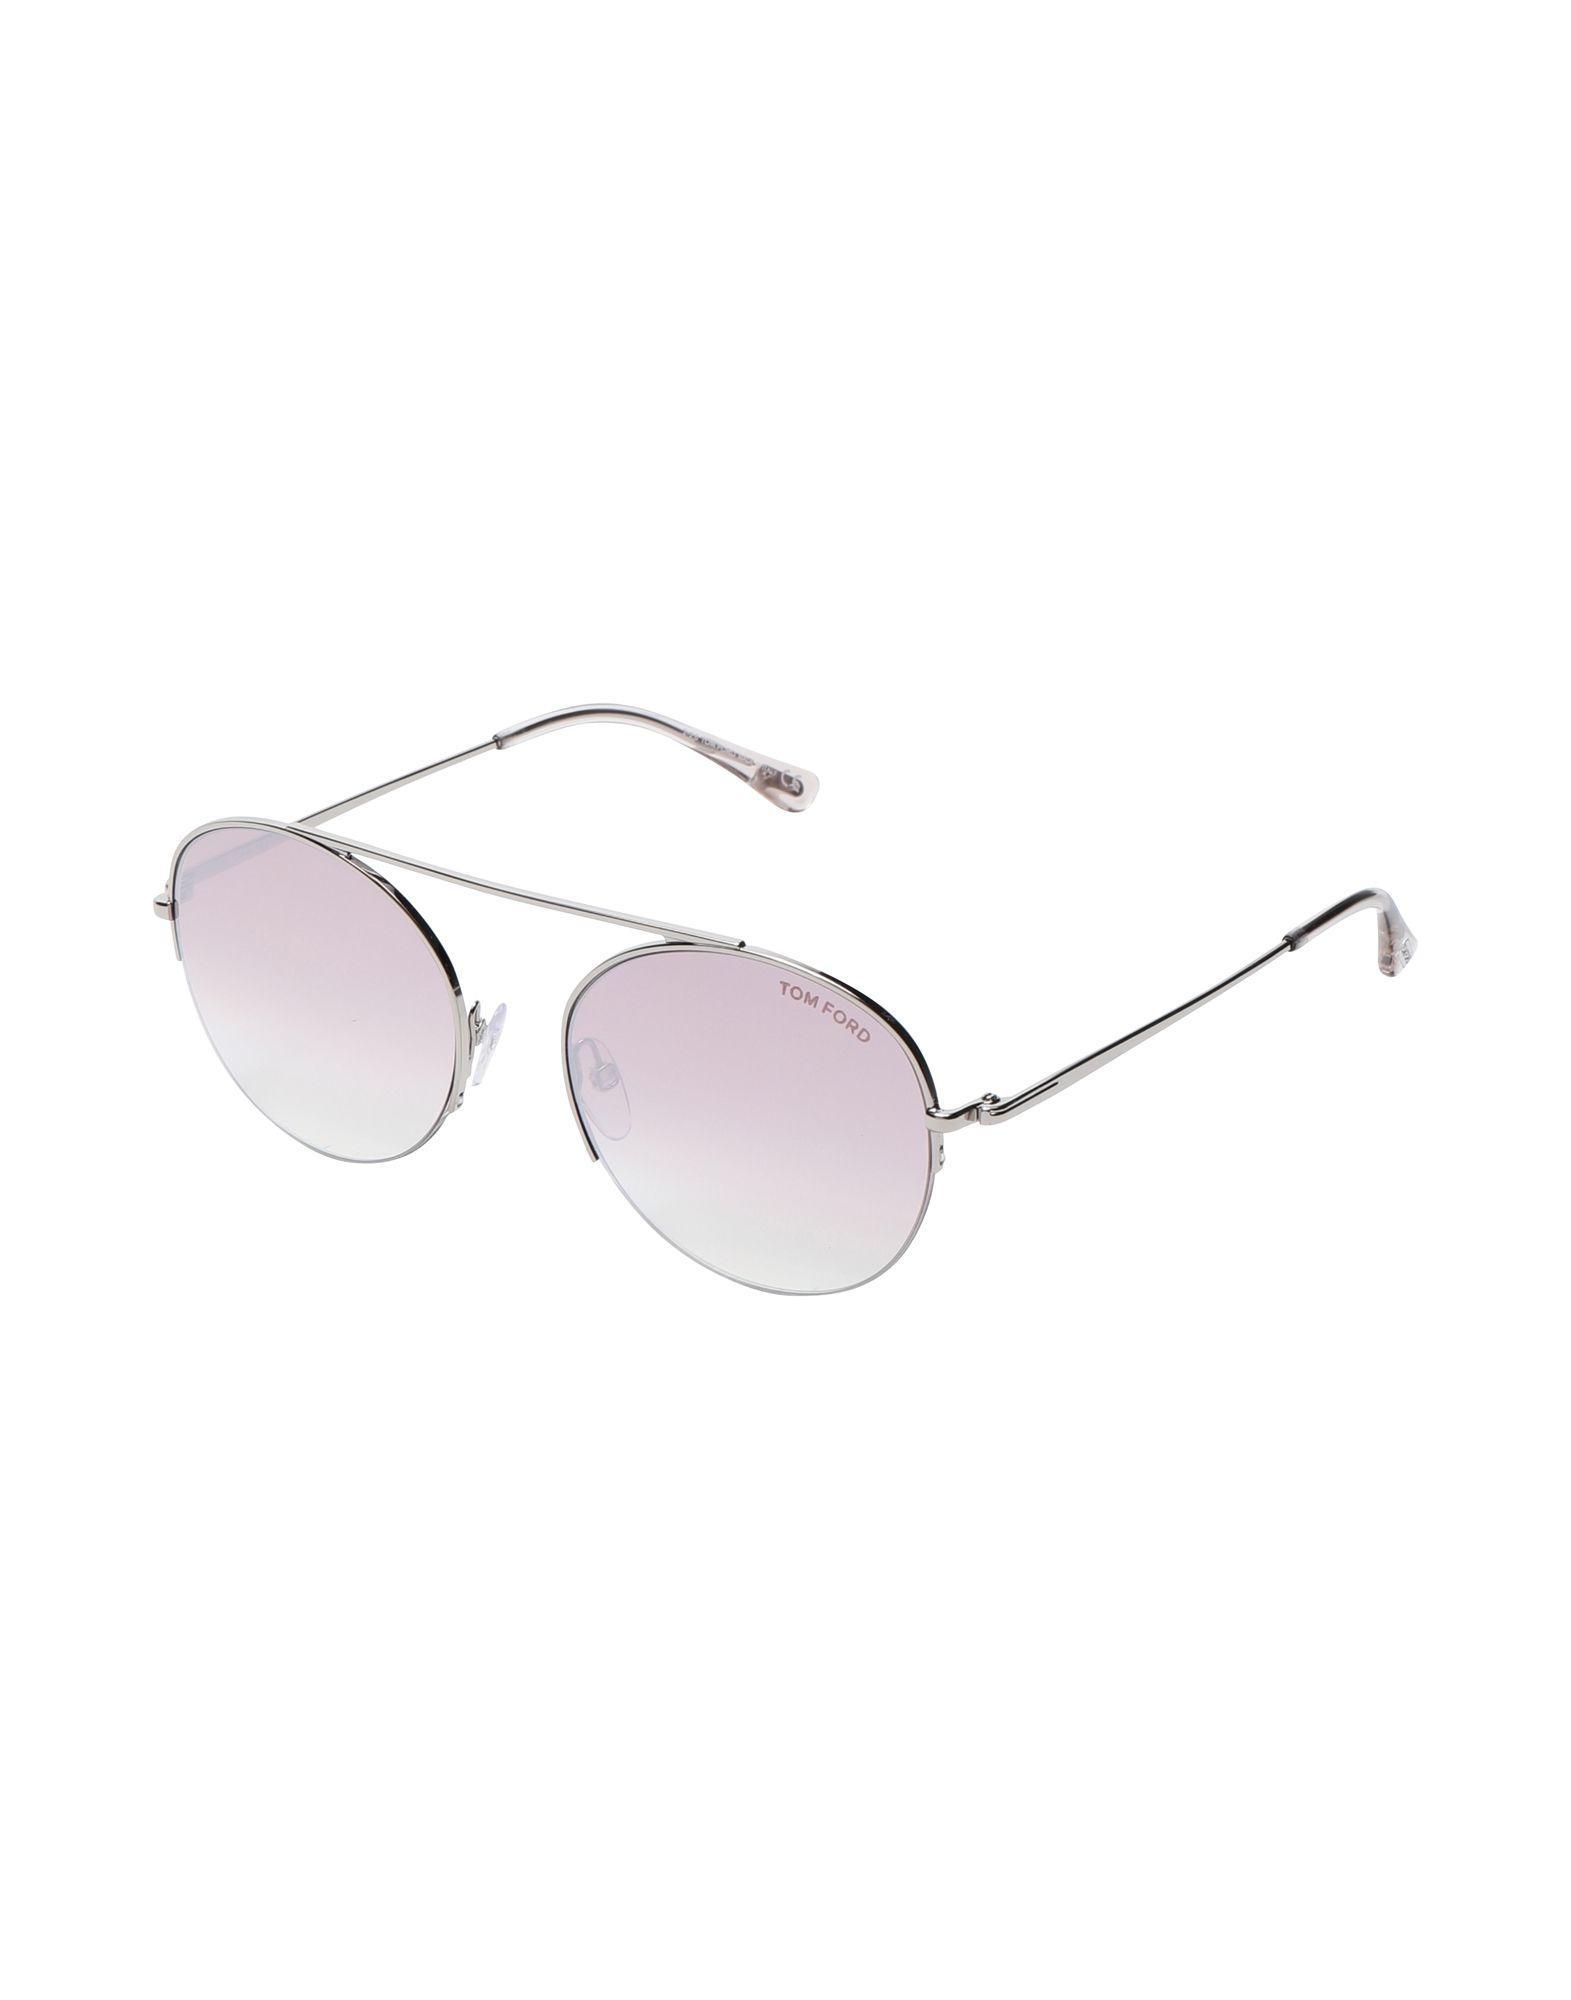 0cfd7687c7 Gafas de sol Tom Ford de hombre de color Metálico - Lyst